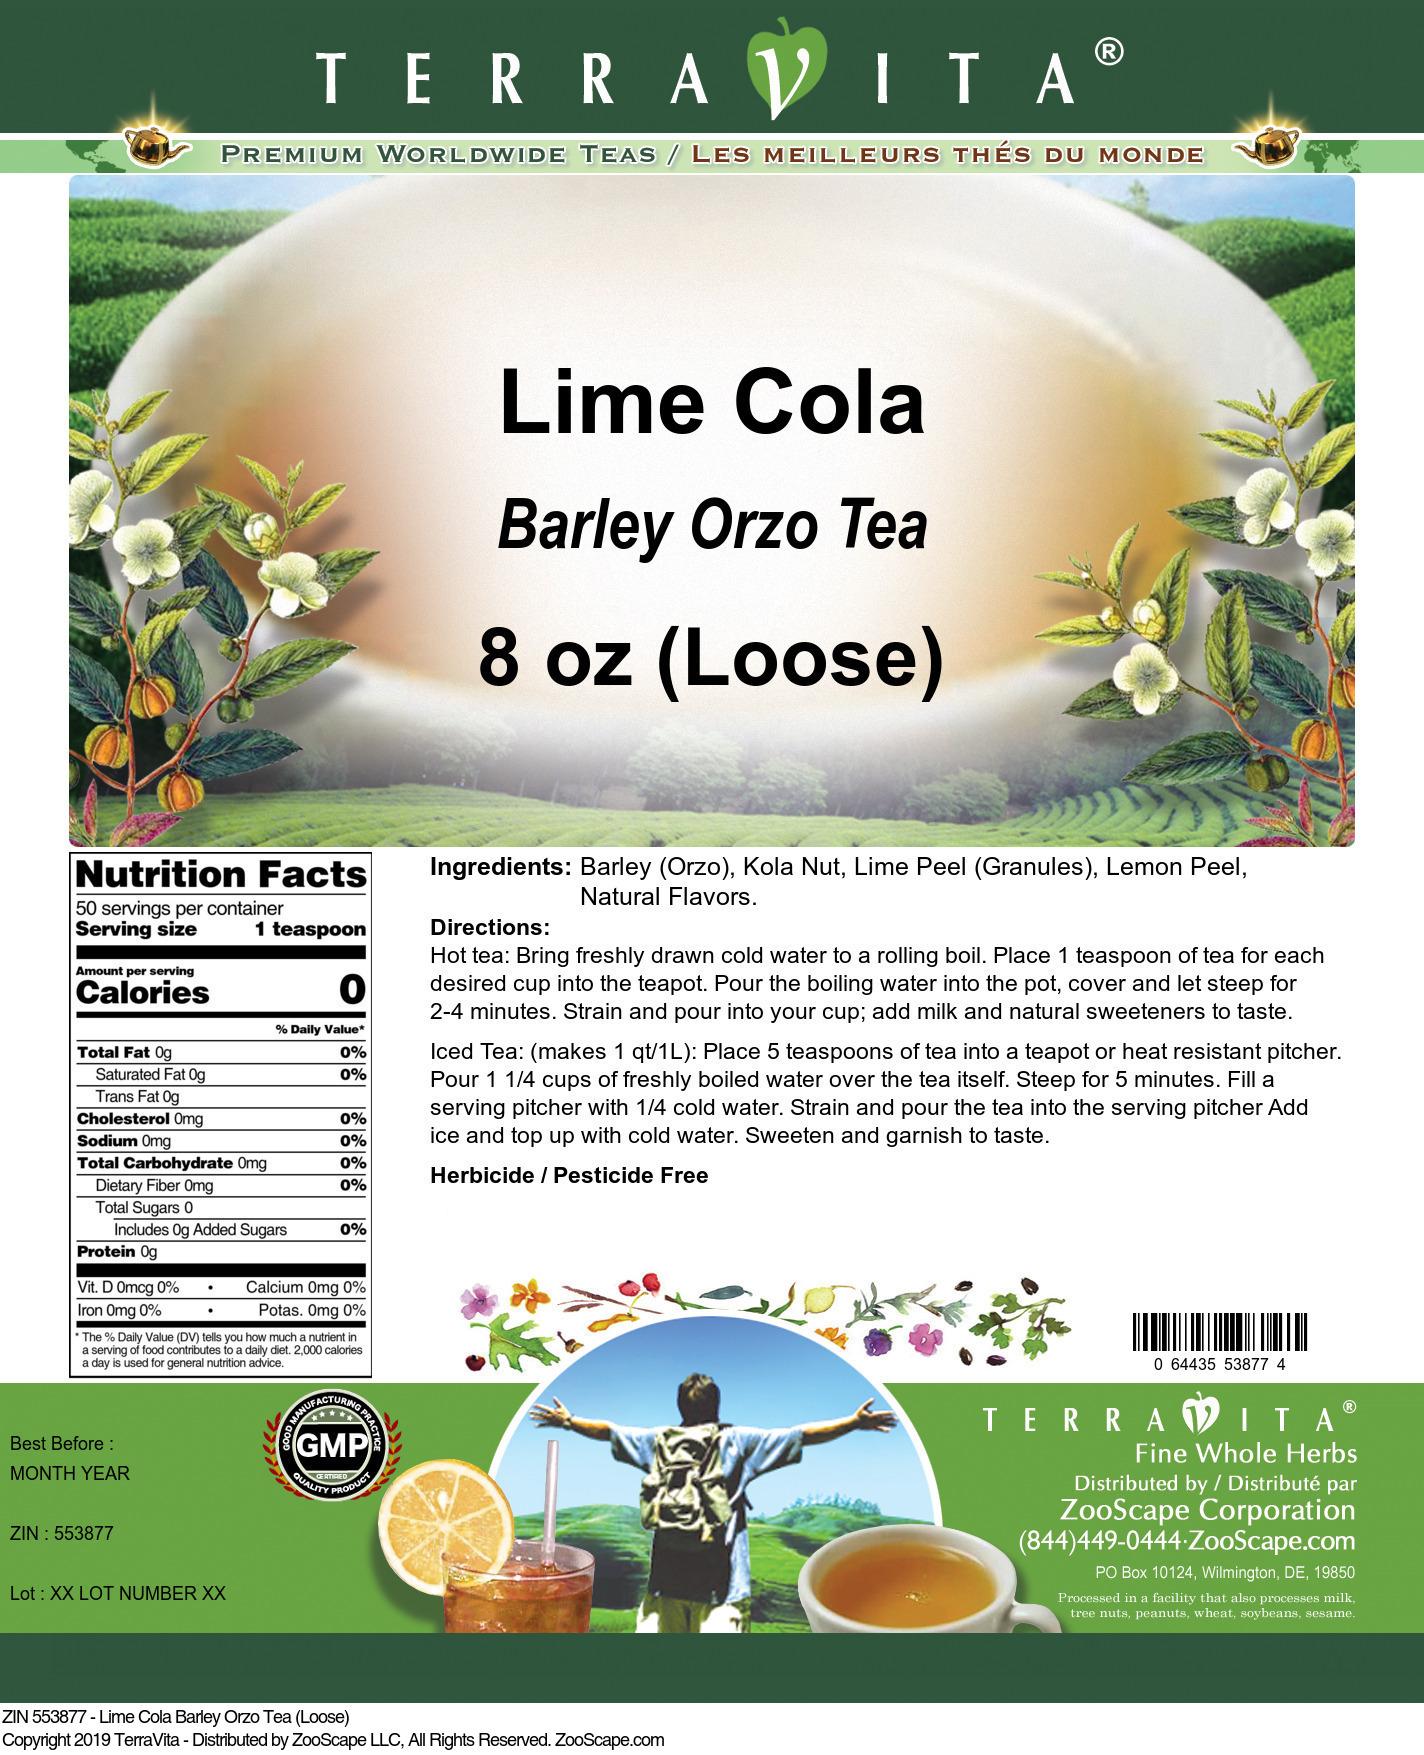 Lime Cola Barley Orzo